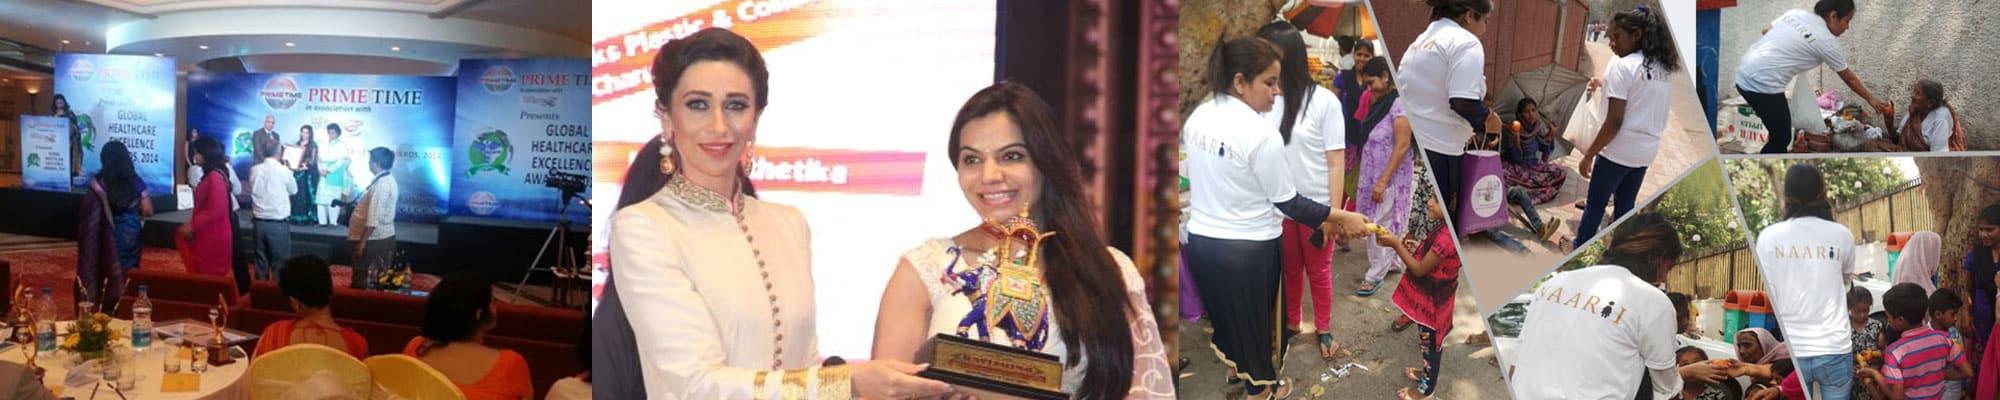 Awards & News